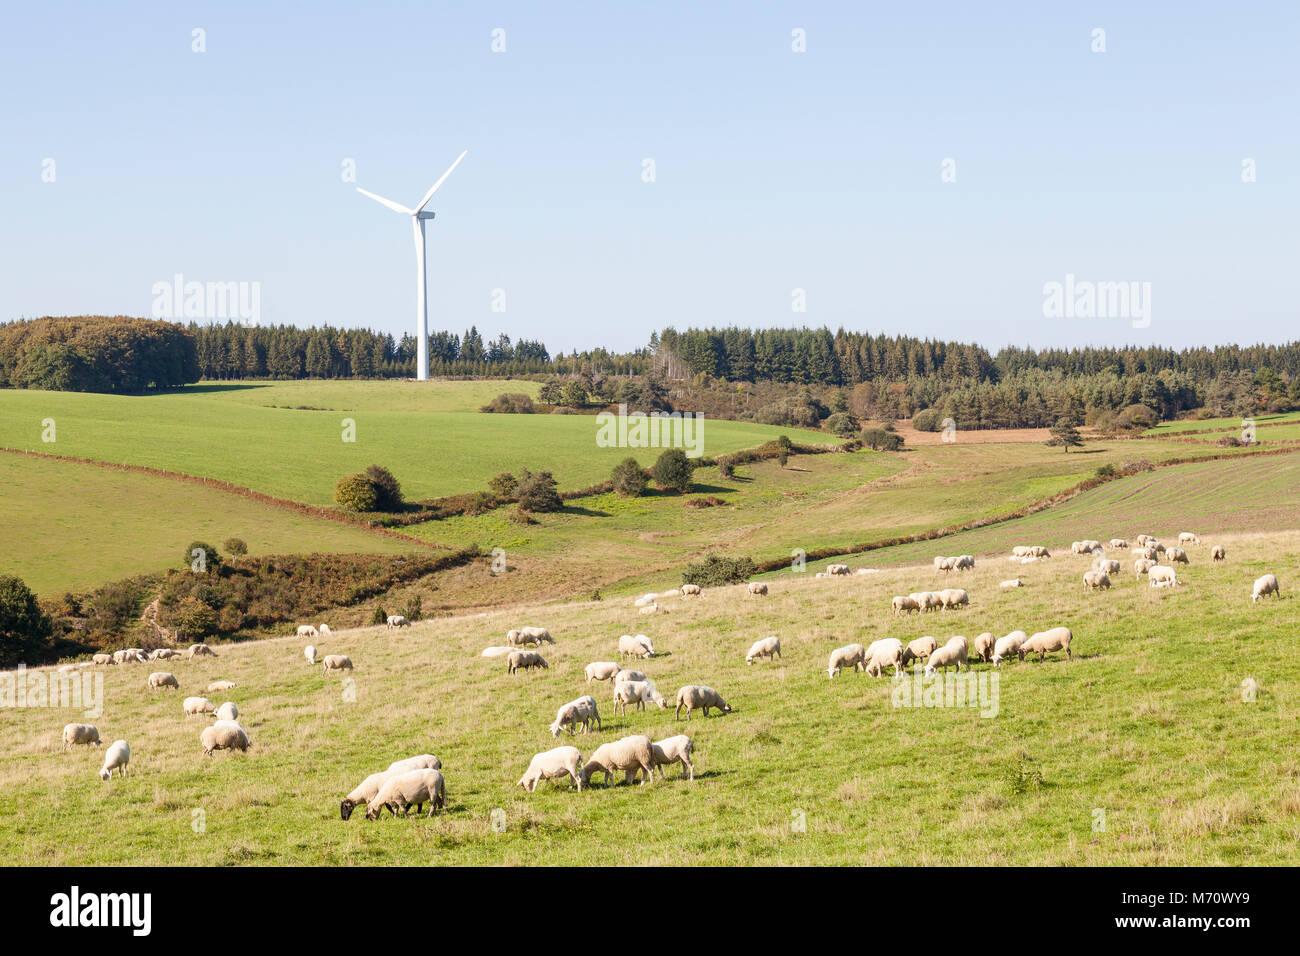 Rebaño de ovejas pastando cerca de un aerogenerador en un terreno boscoso. Uso sostenible de los recursos naturales Imagen De Stock